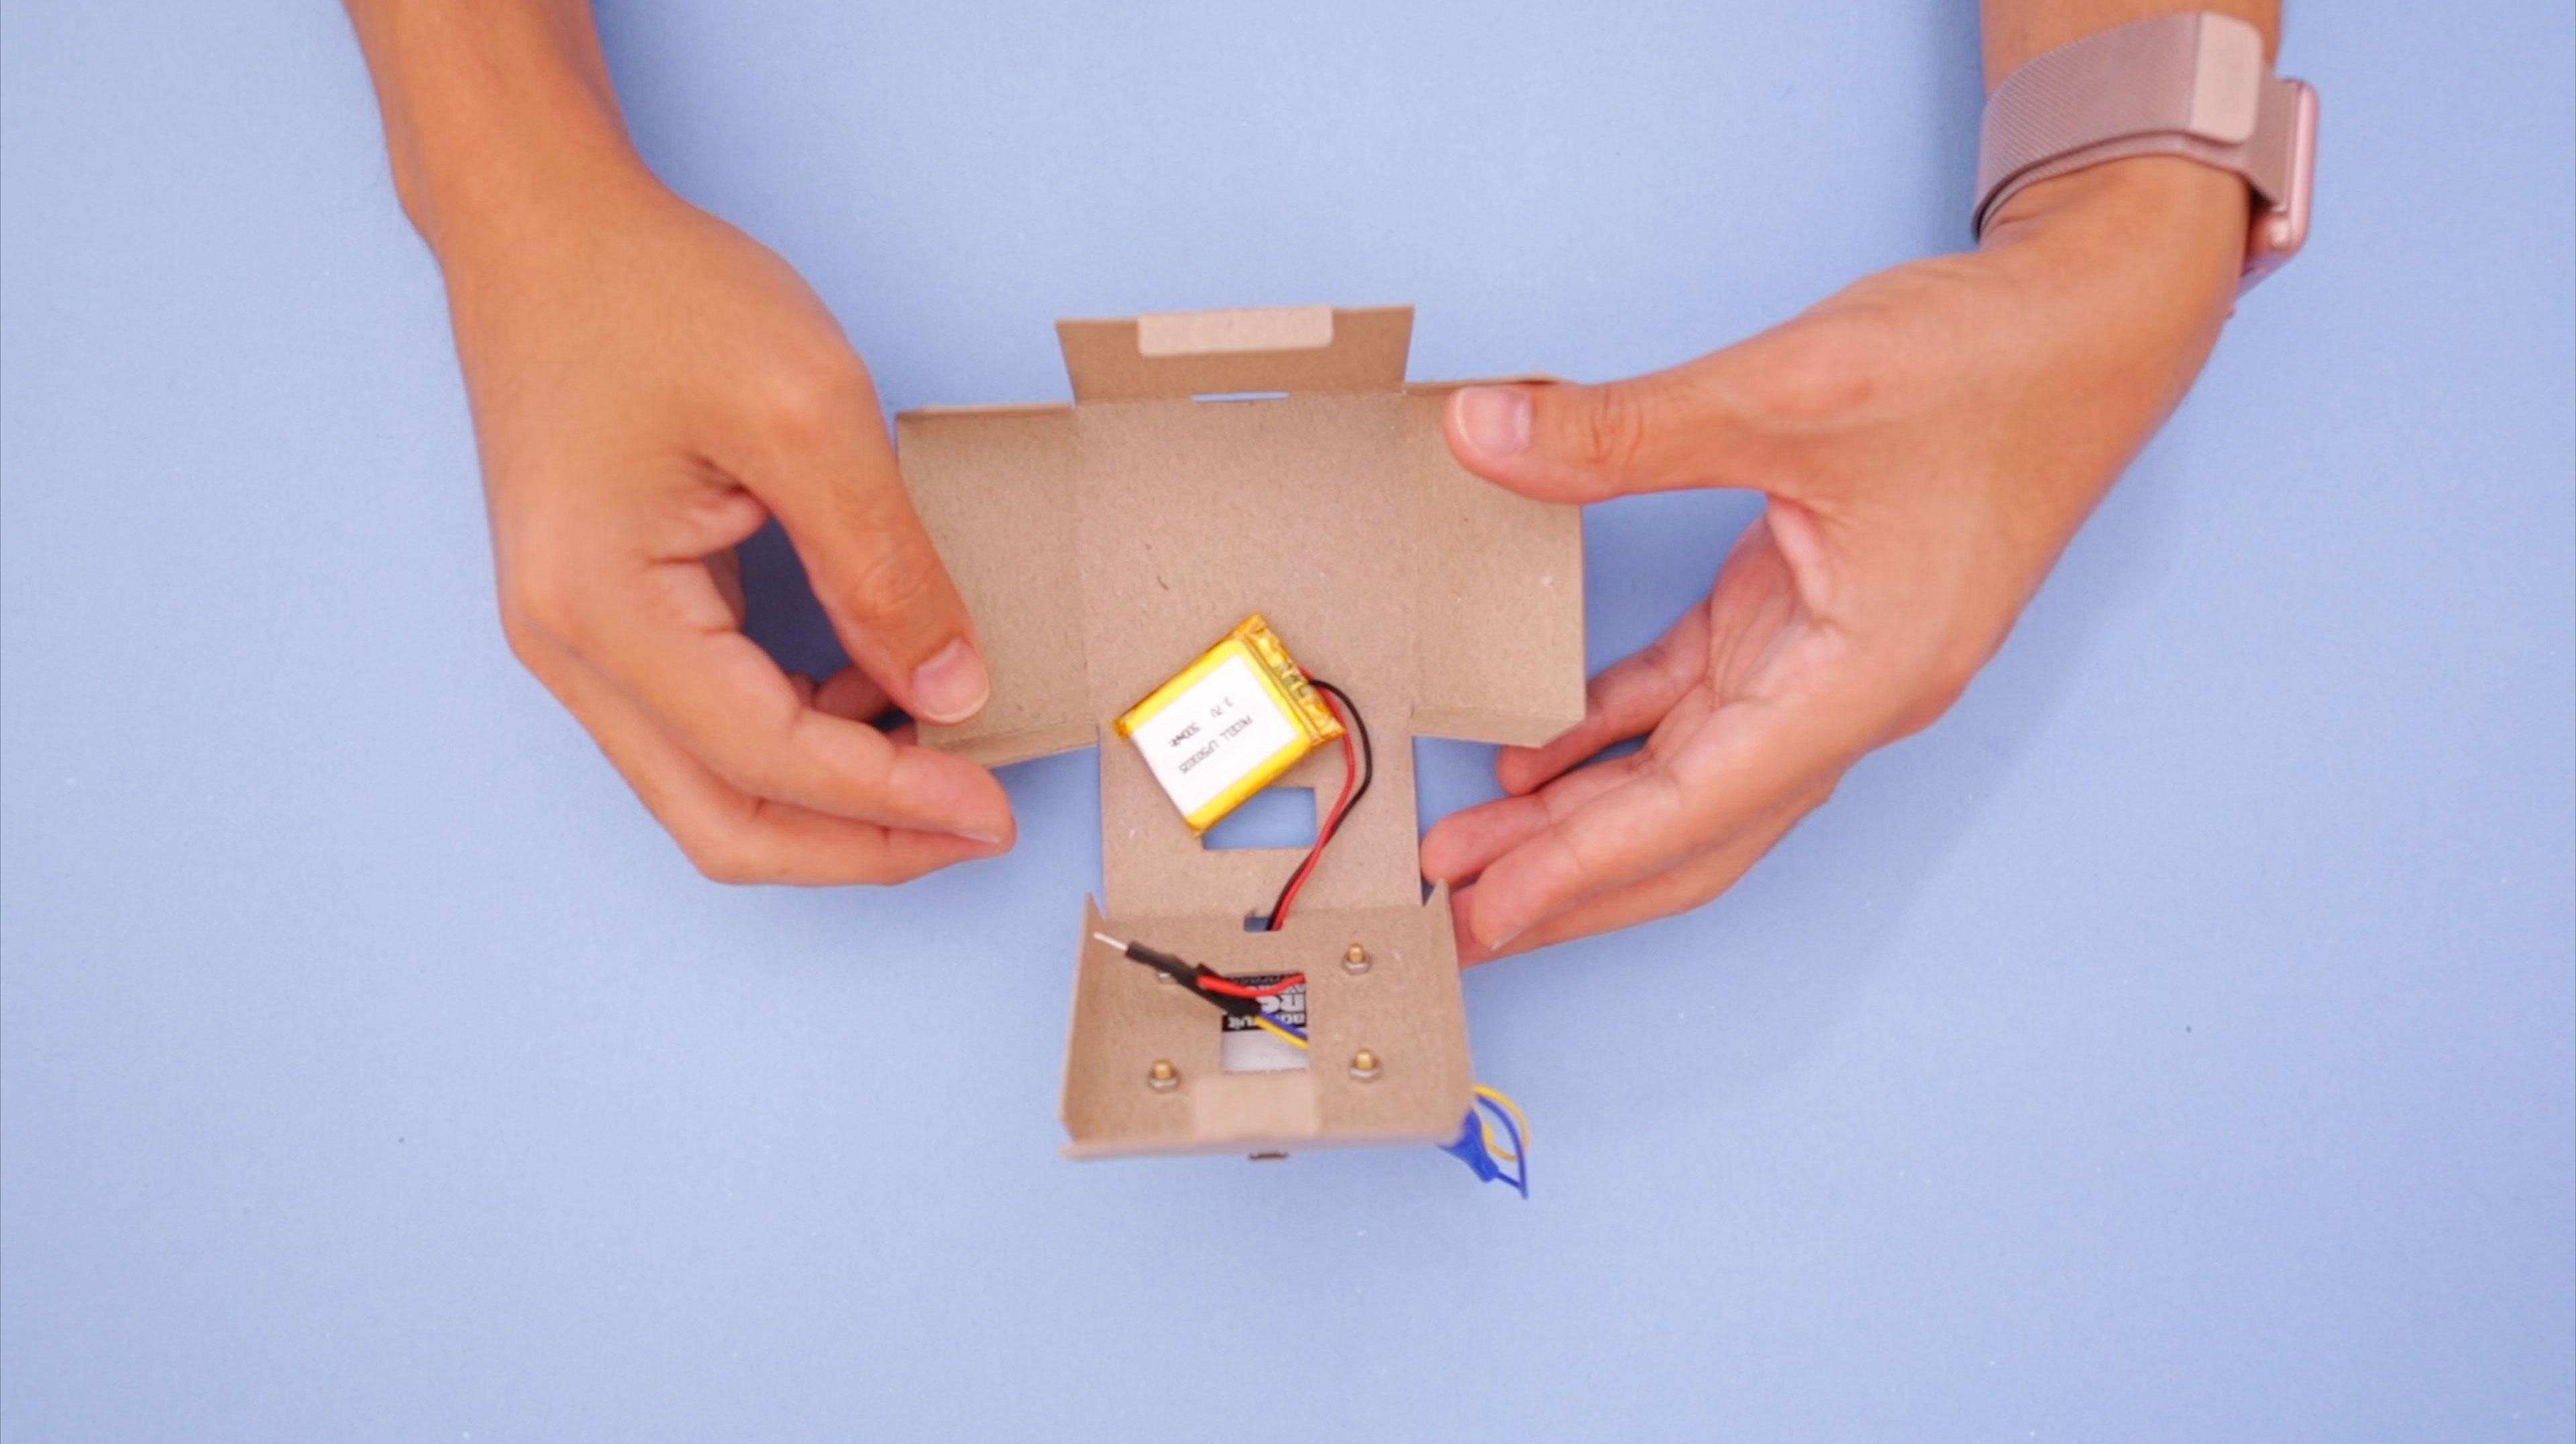 circuit_playground_box.jpg